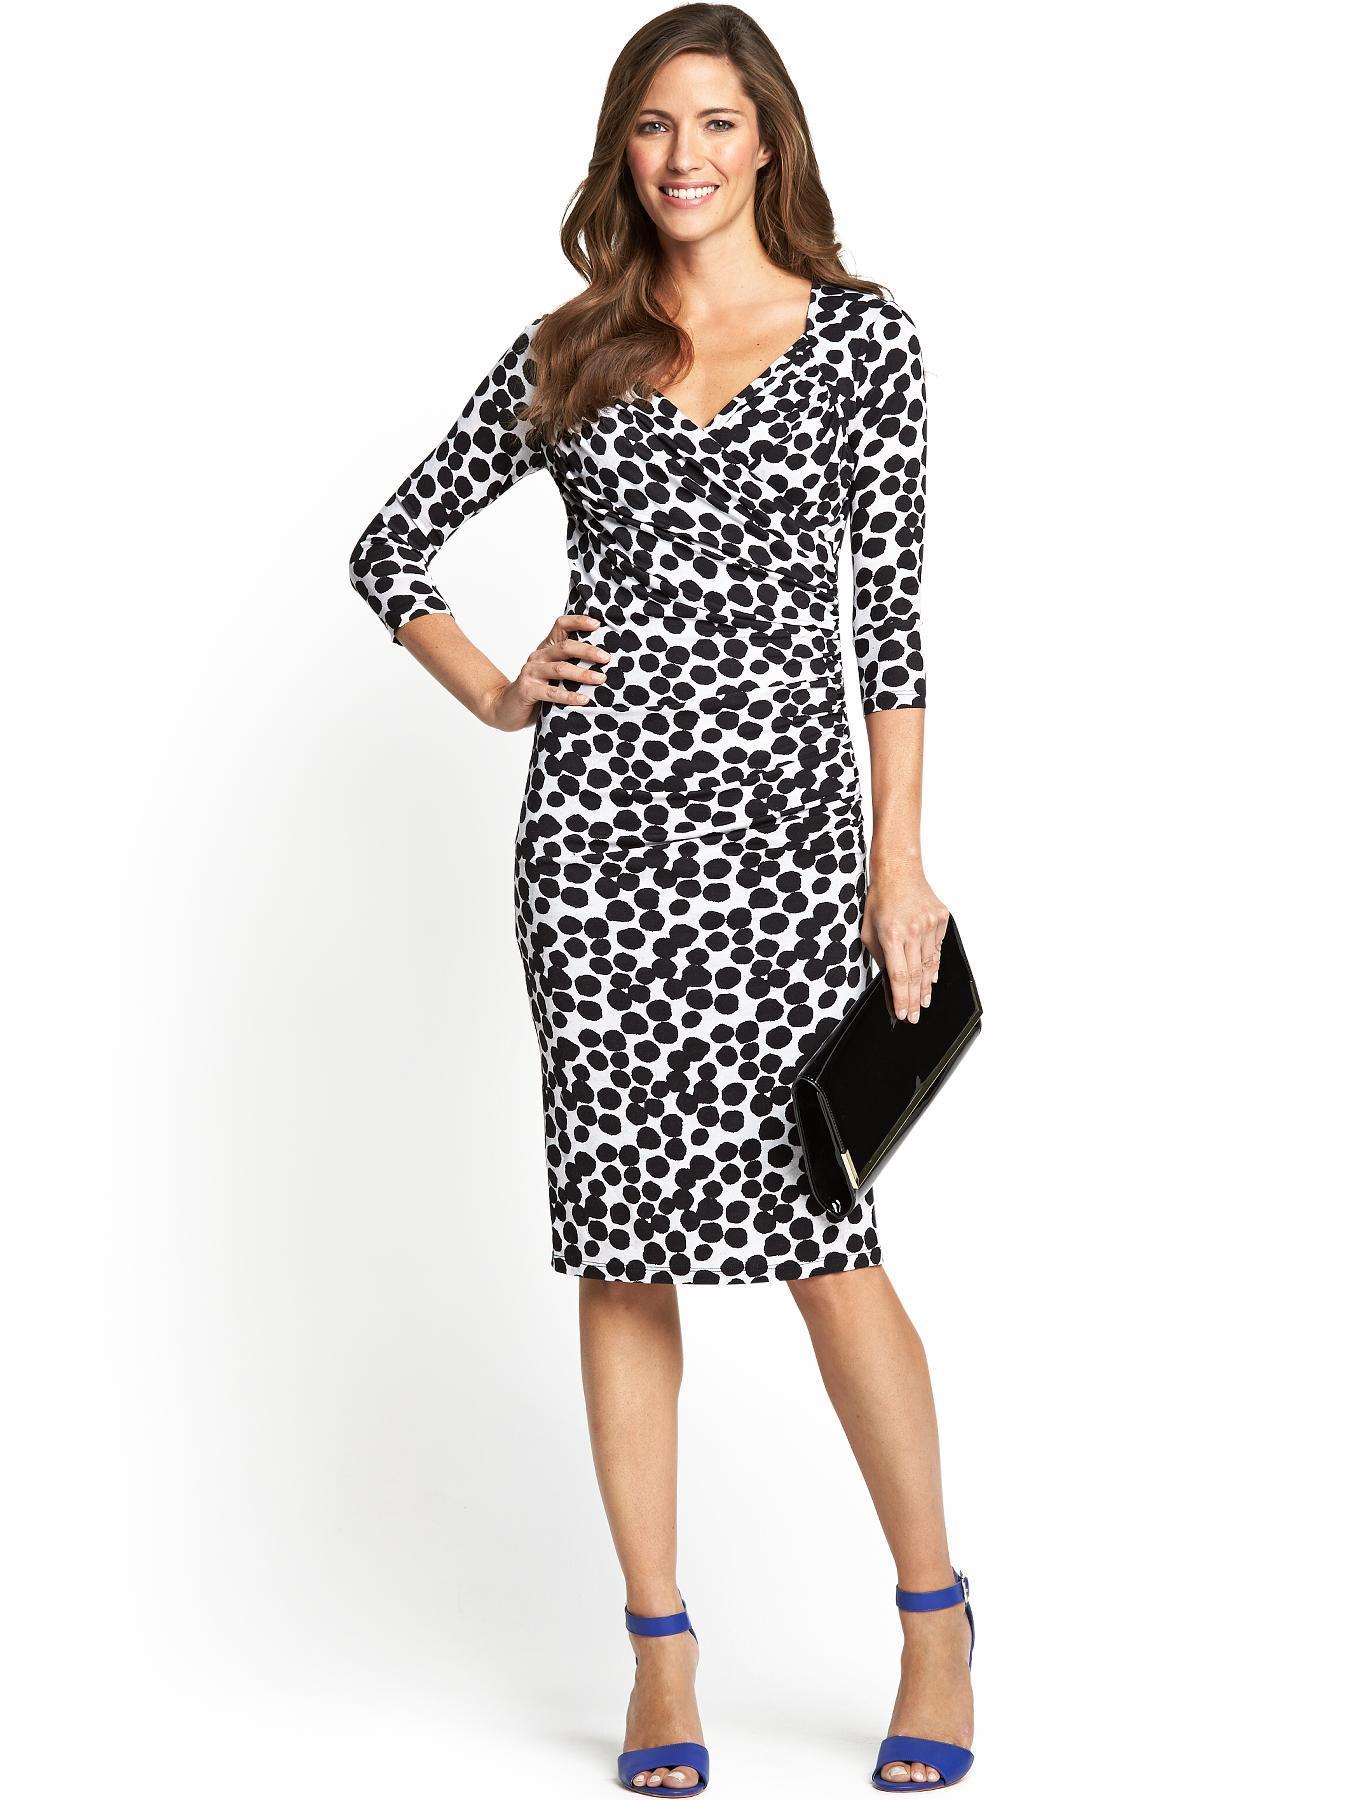 Savoir Confident Curves Mid Length Dress